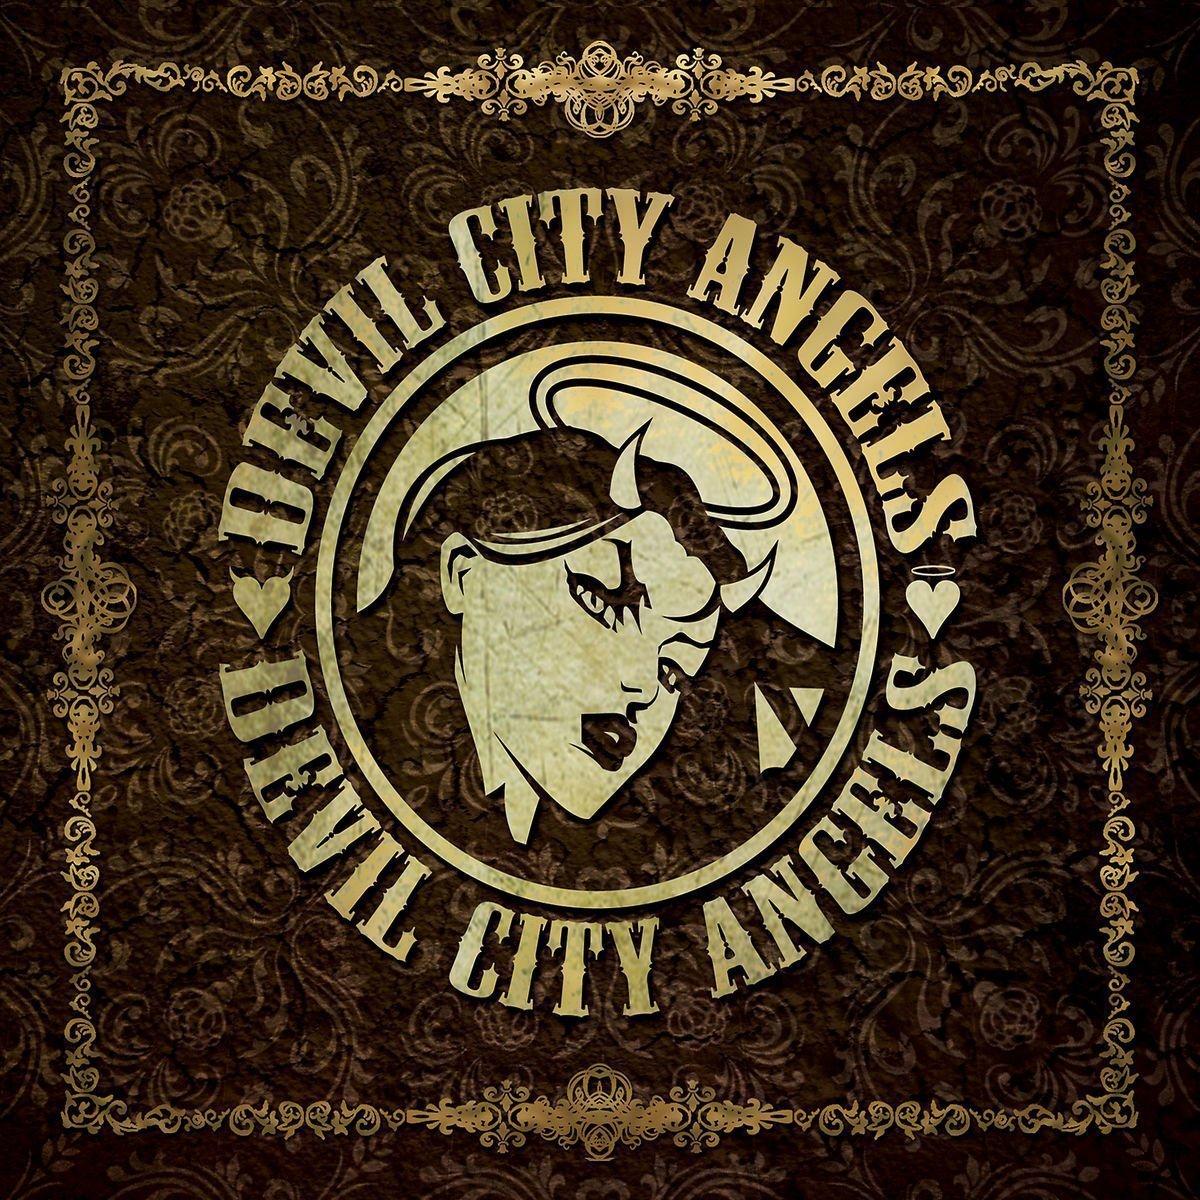 Devil City AngelsВиниловые пластинки<br>Виниловая пластинка<br>